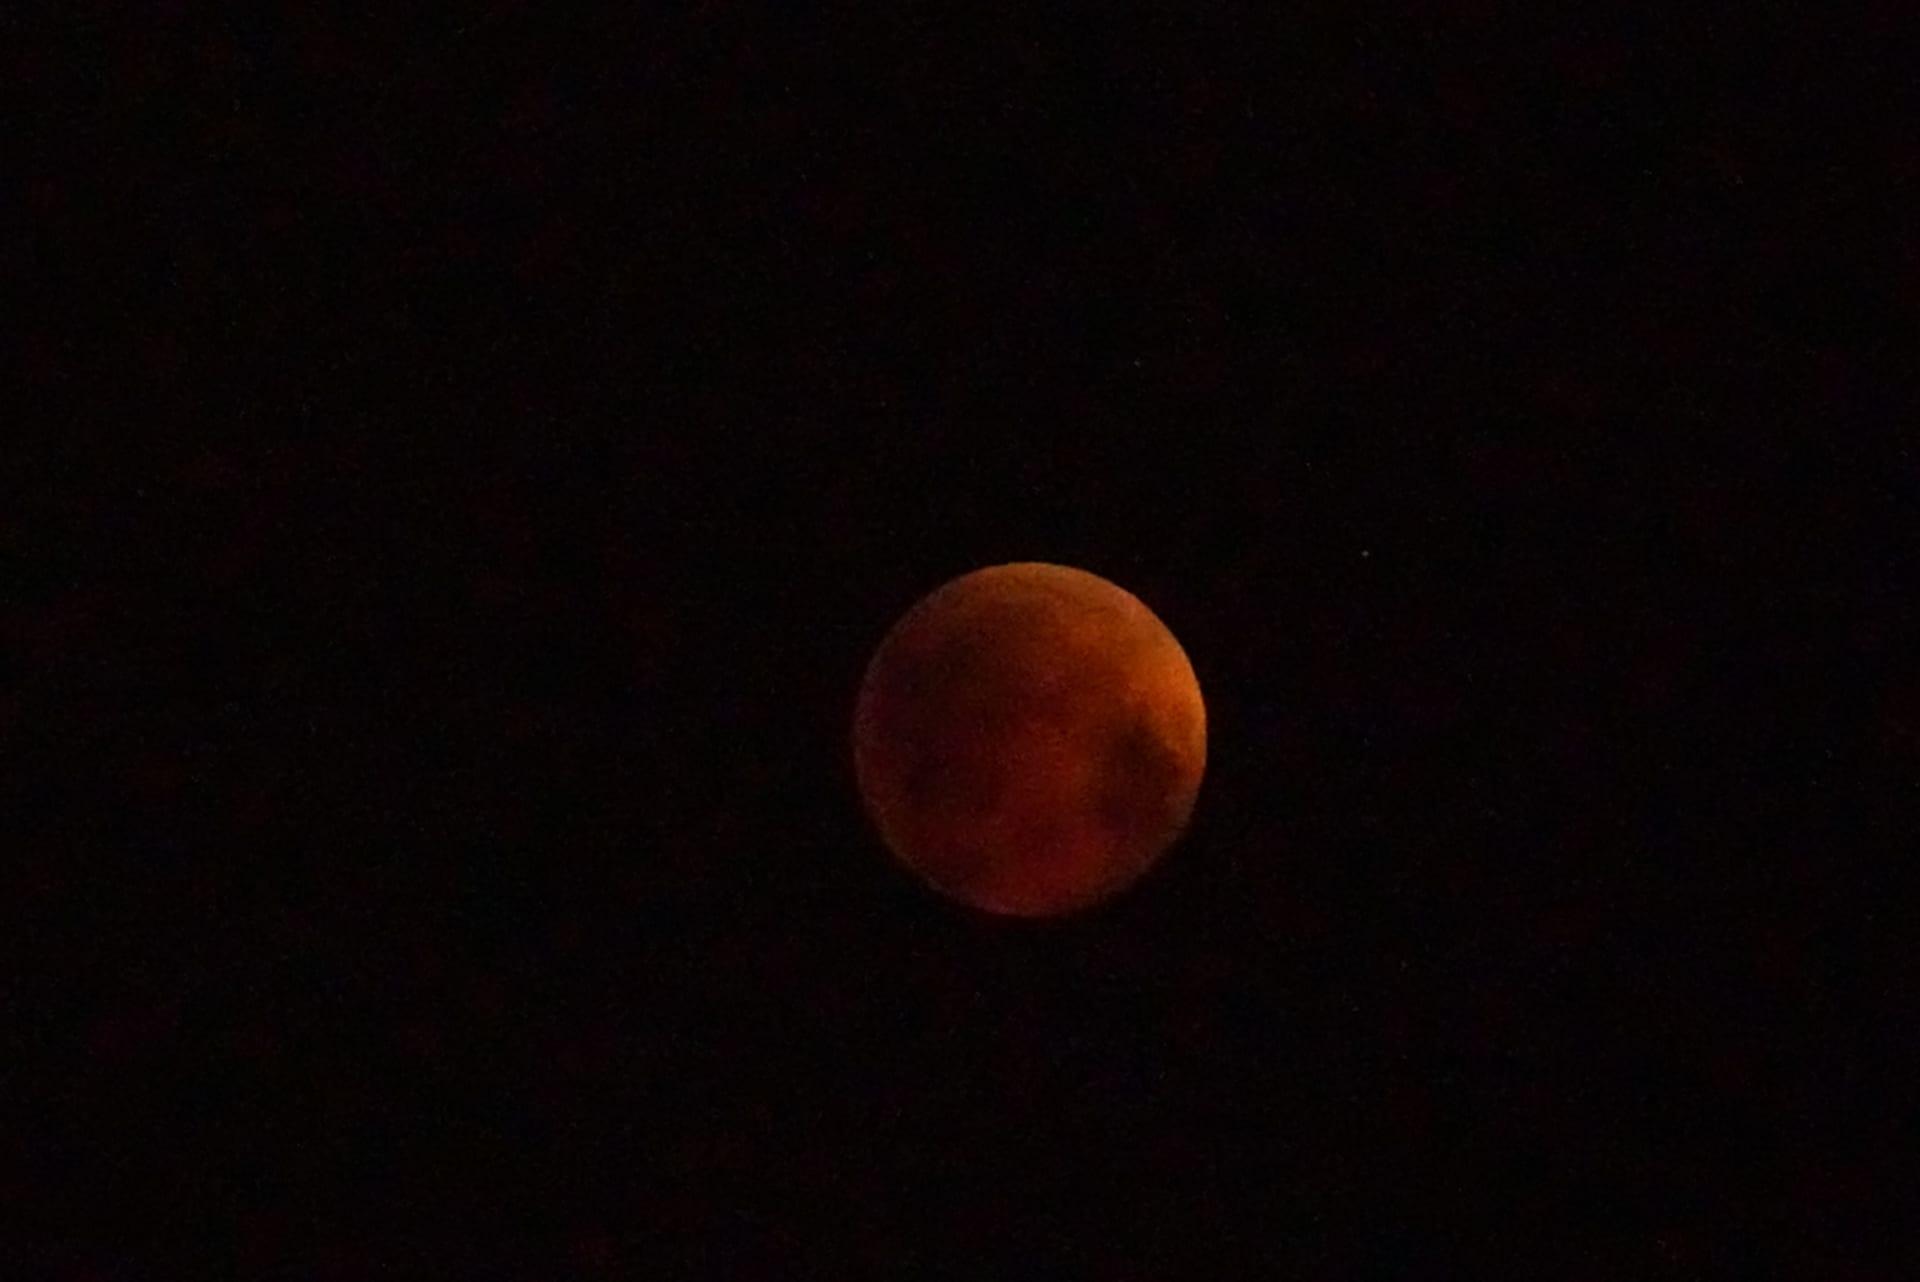 قصة رصد القمر الدموي